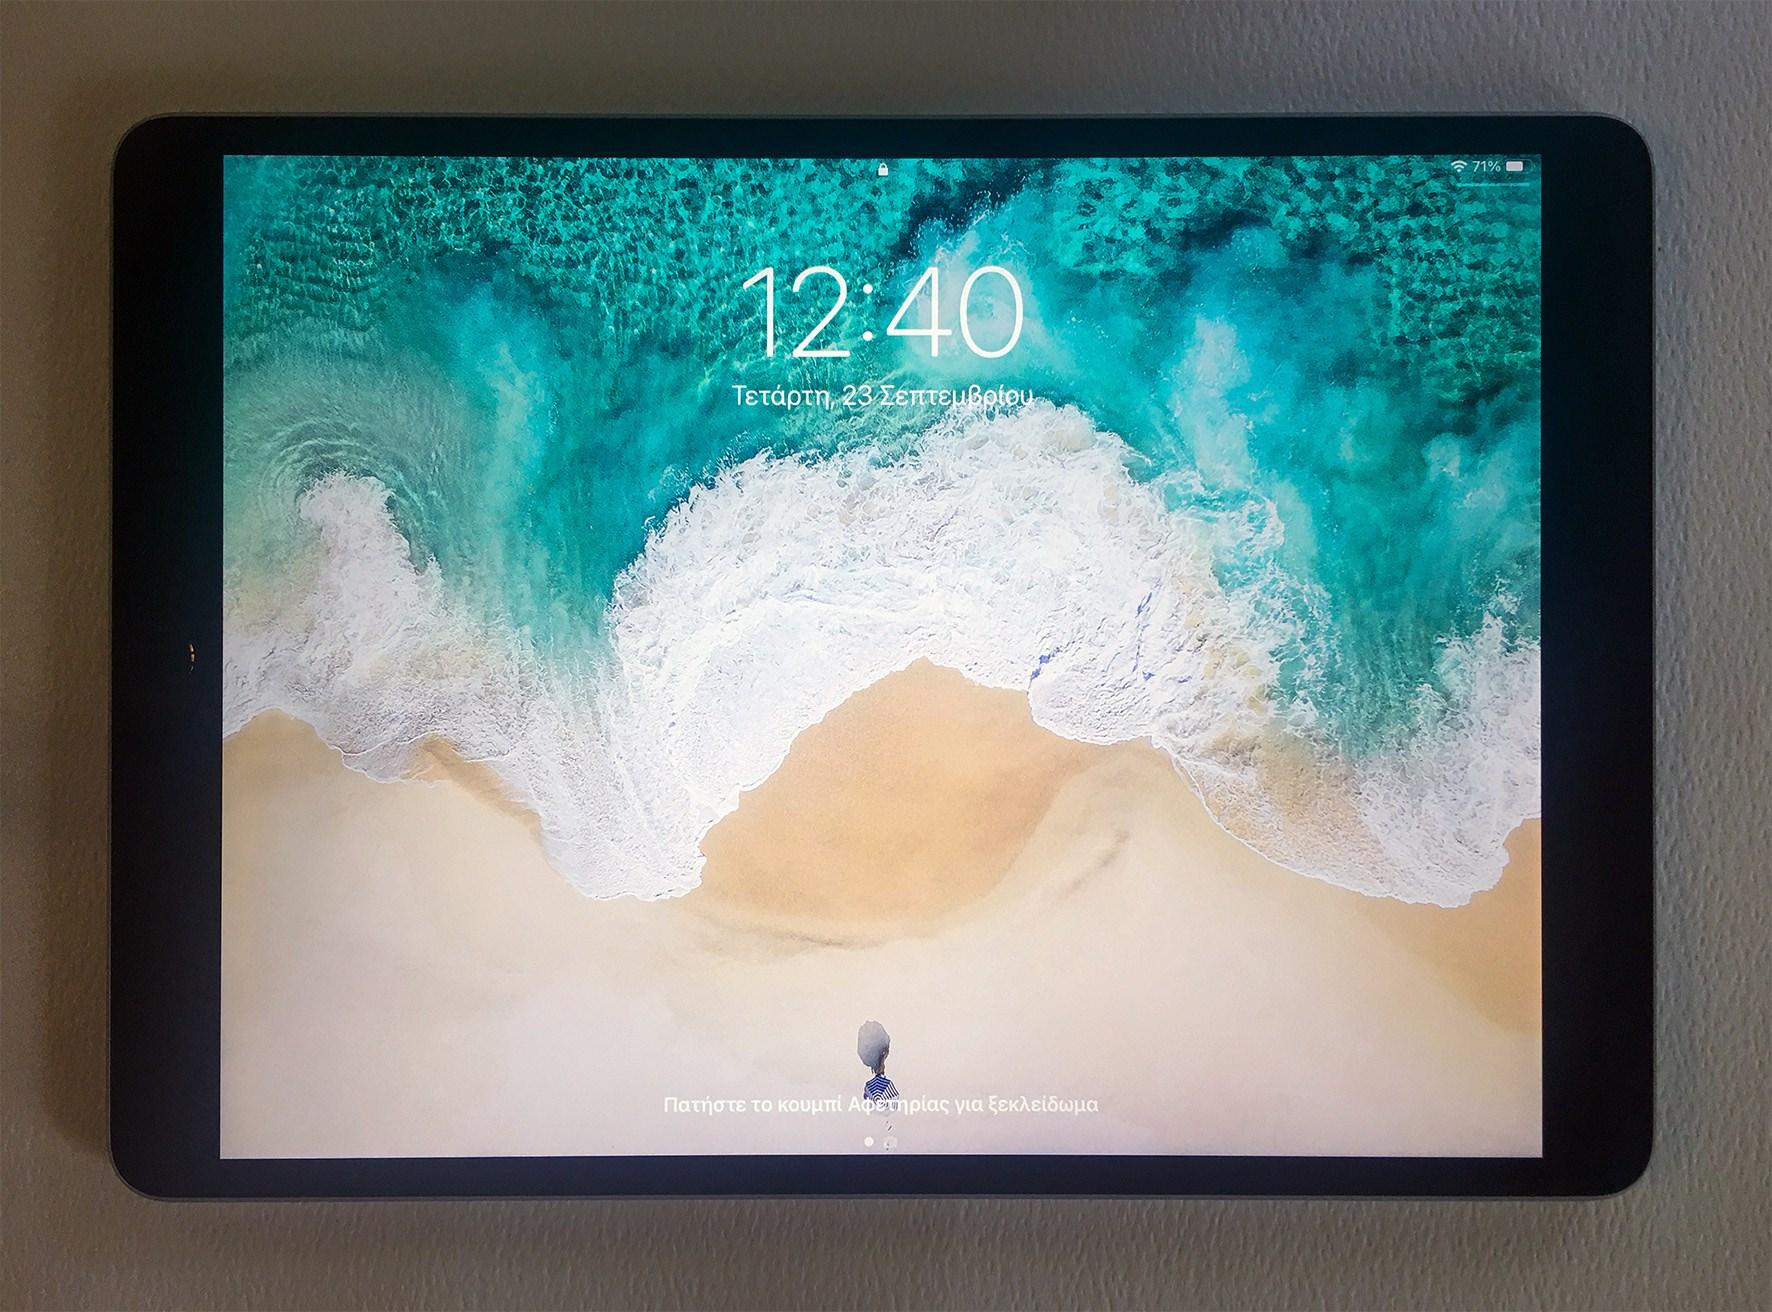 Πωλείται iPad Pro (2nd Generation), WiFi, 256 Gb + Apple Pencil